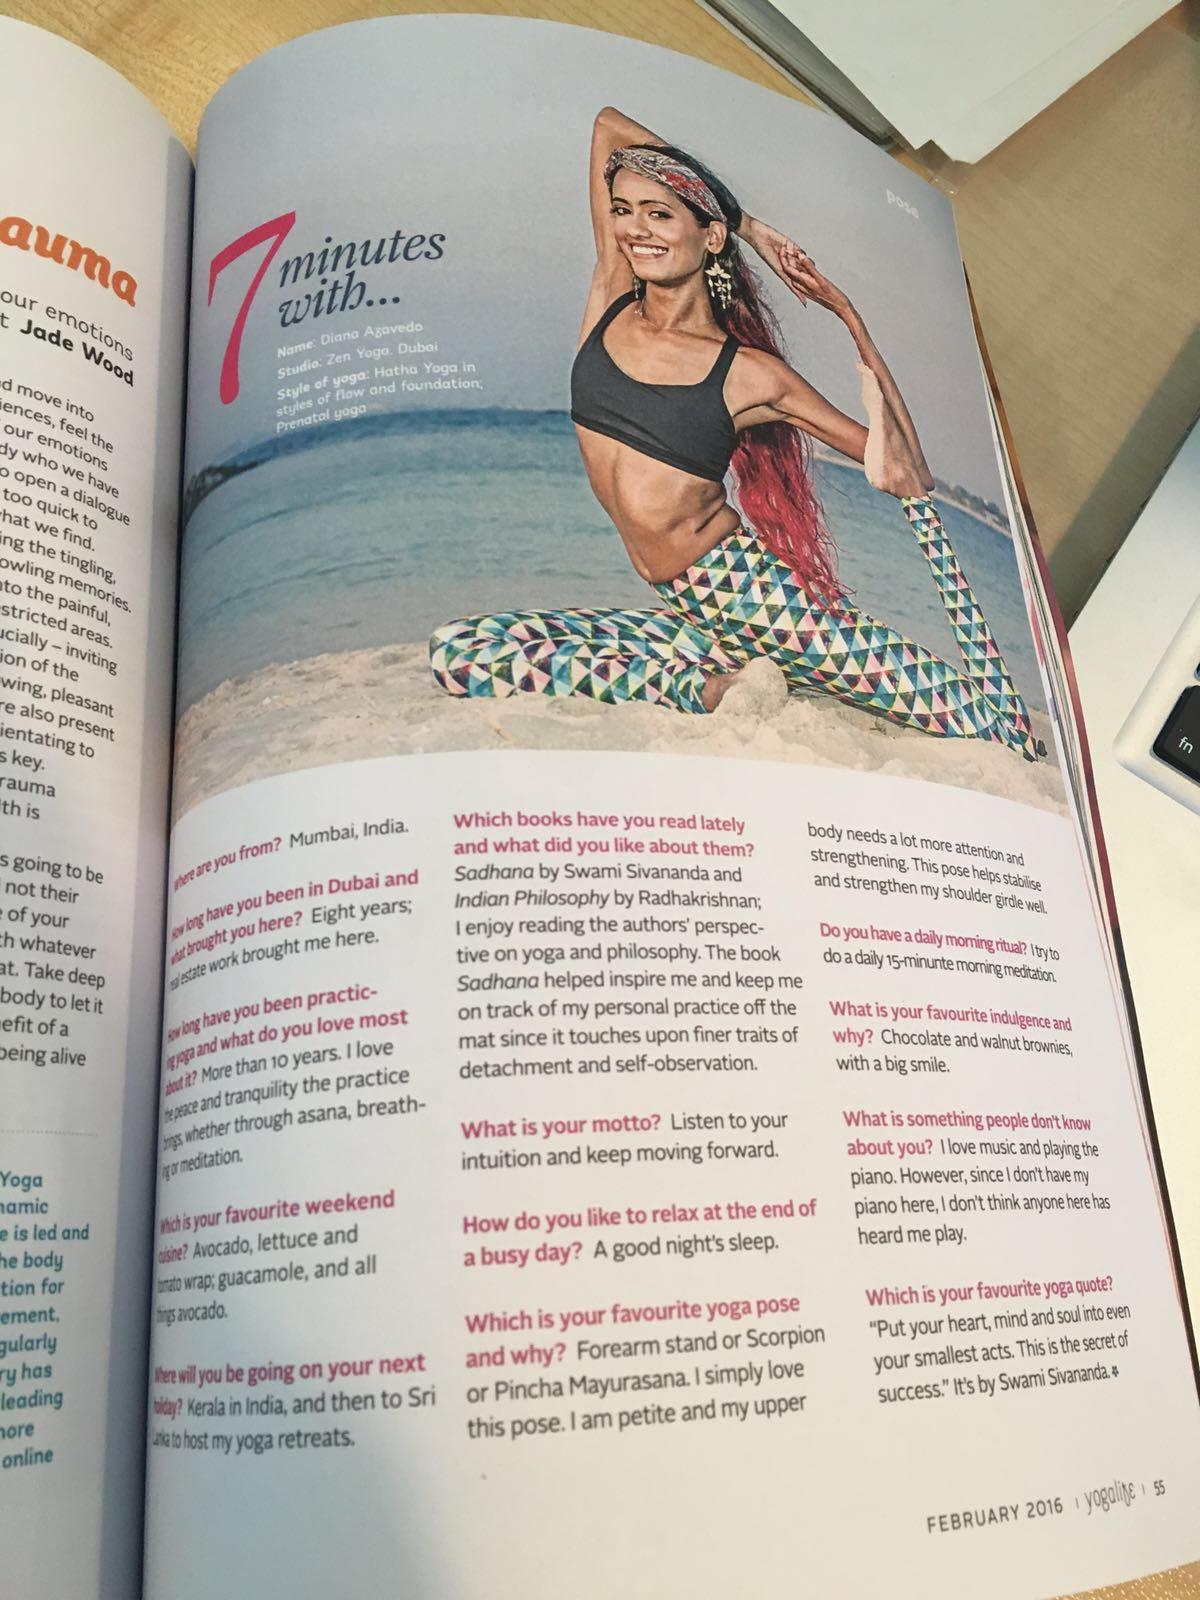 http://www.radianceofyoga.com/wp-content/uploads/2015/10/Yogalife-magazine.jpg